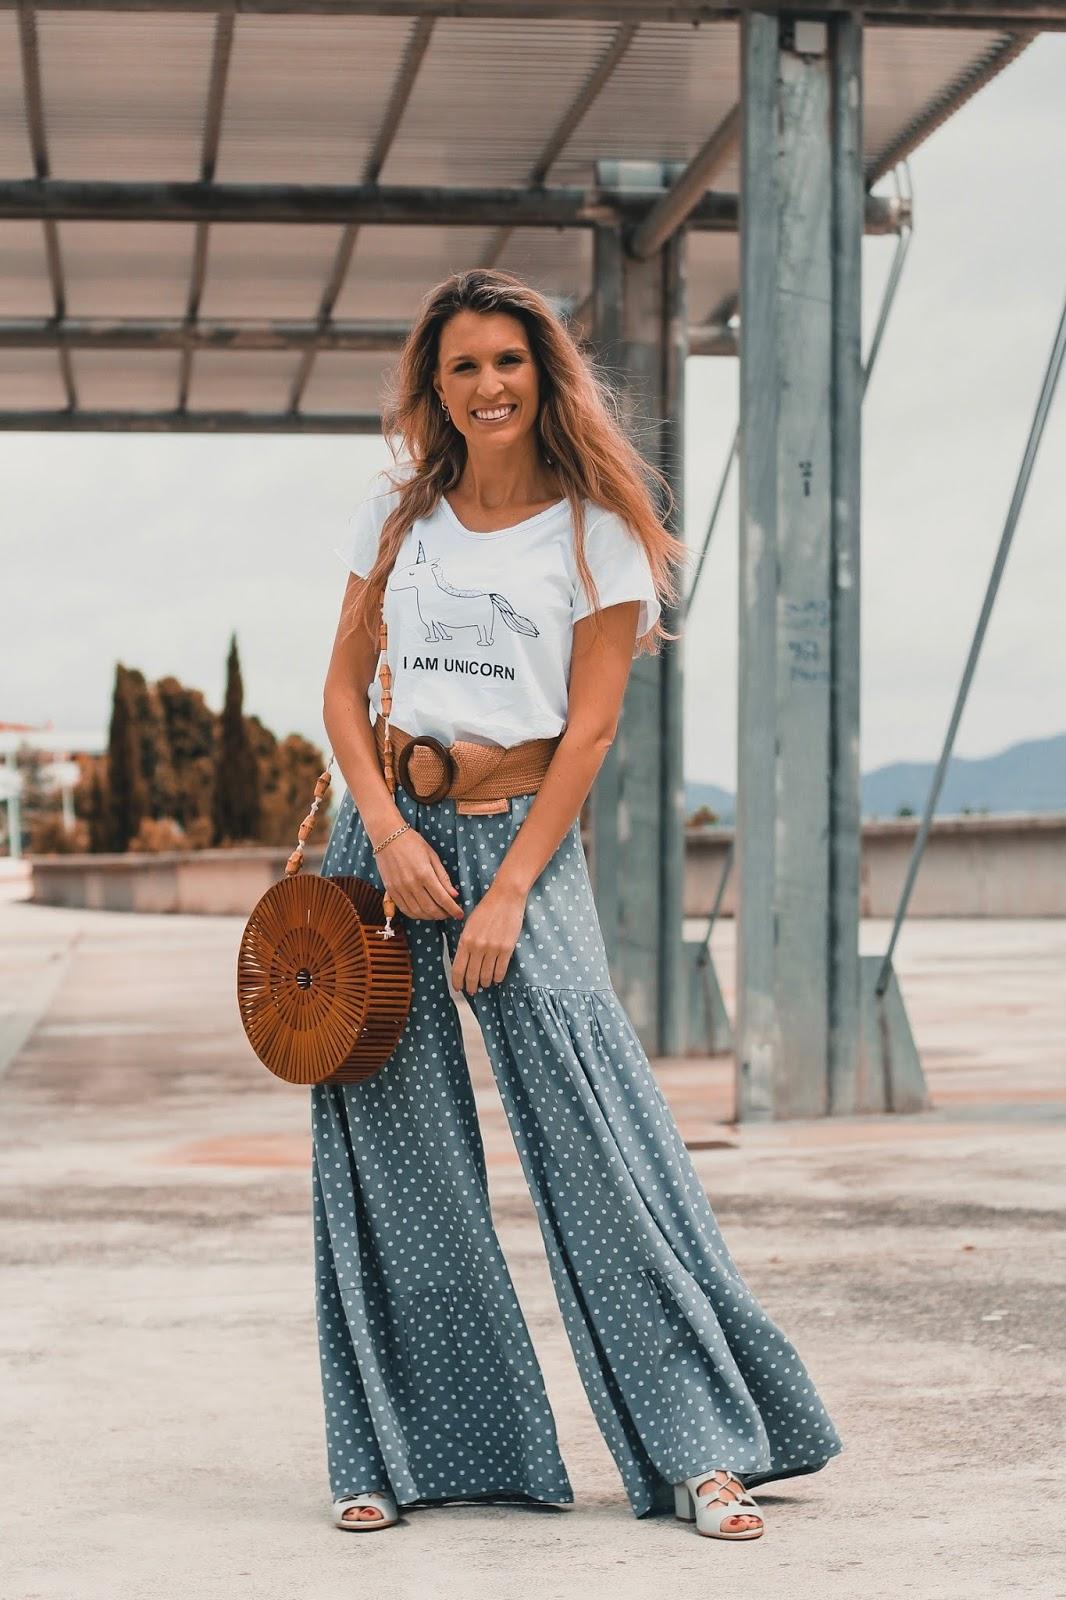 tendencia pantalones de lunares 2018